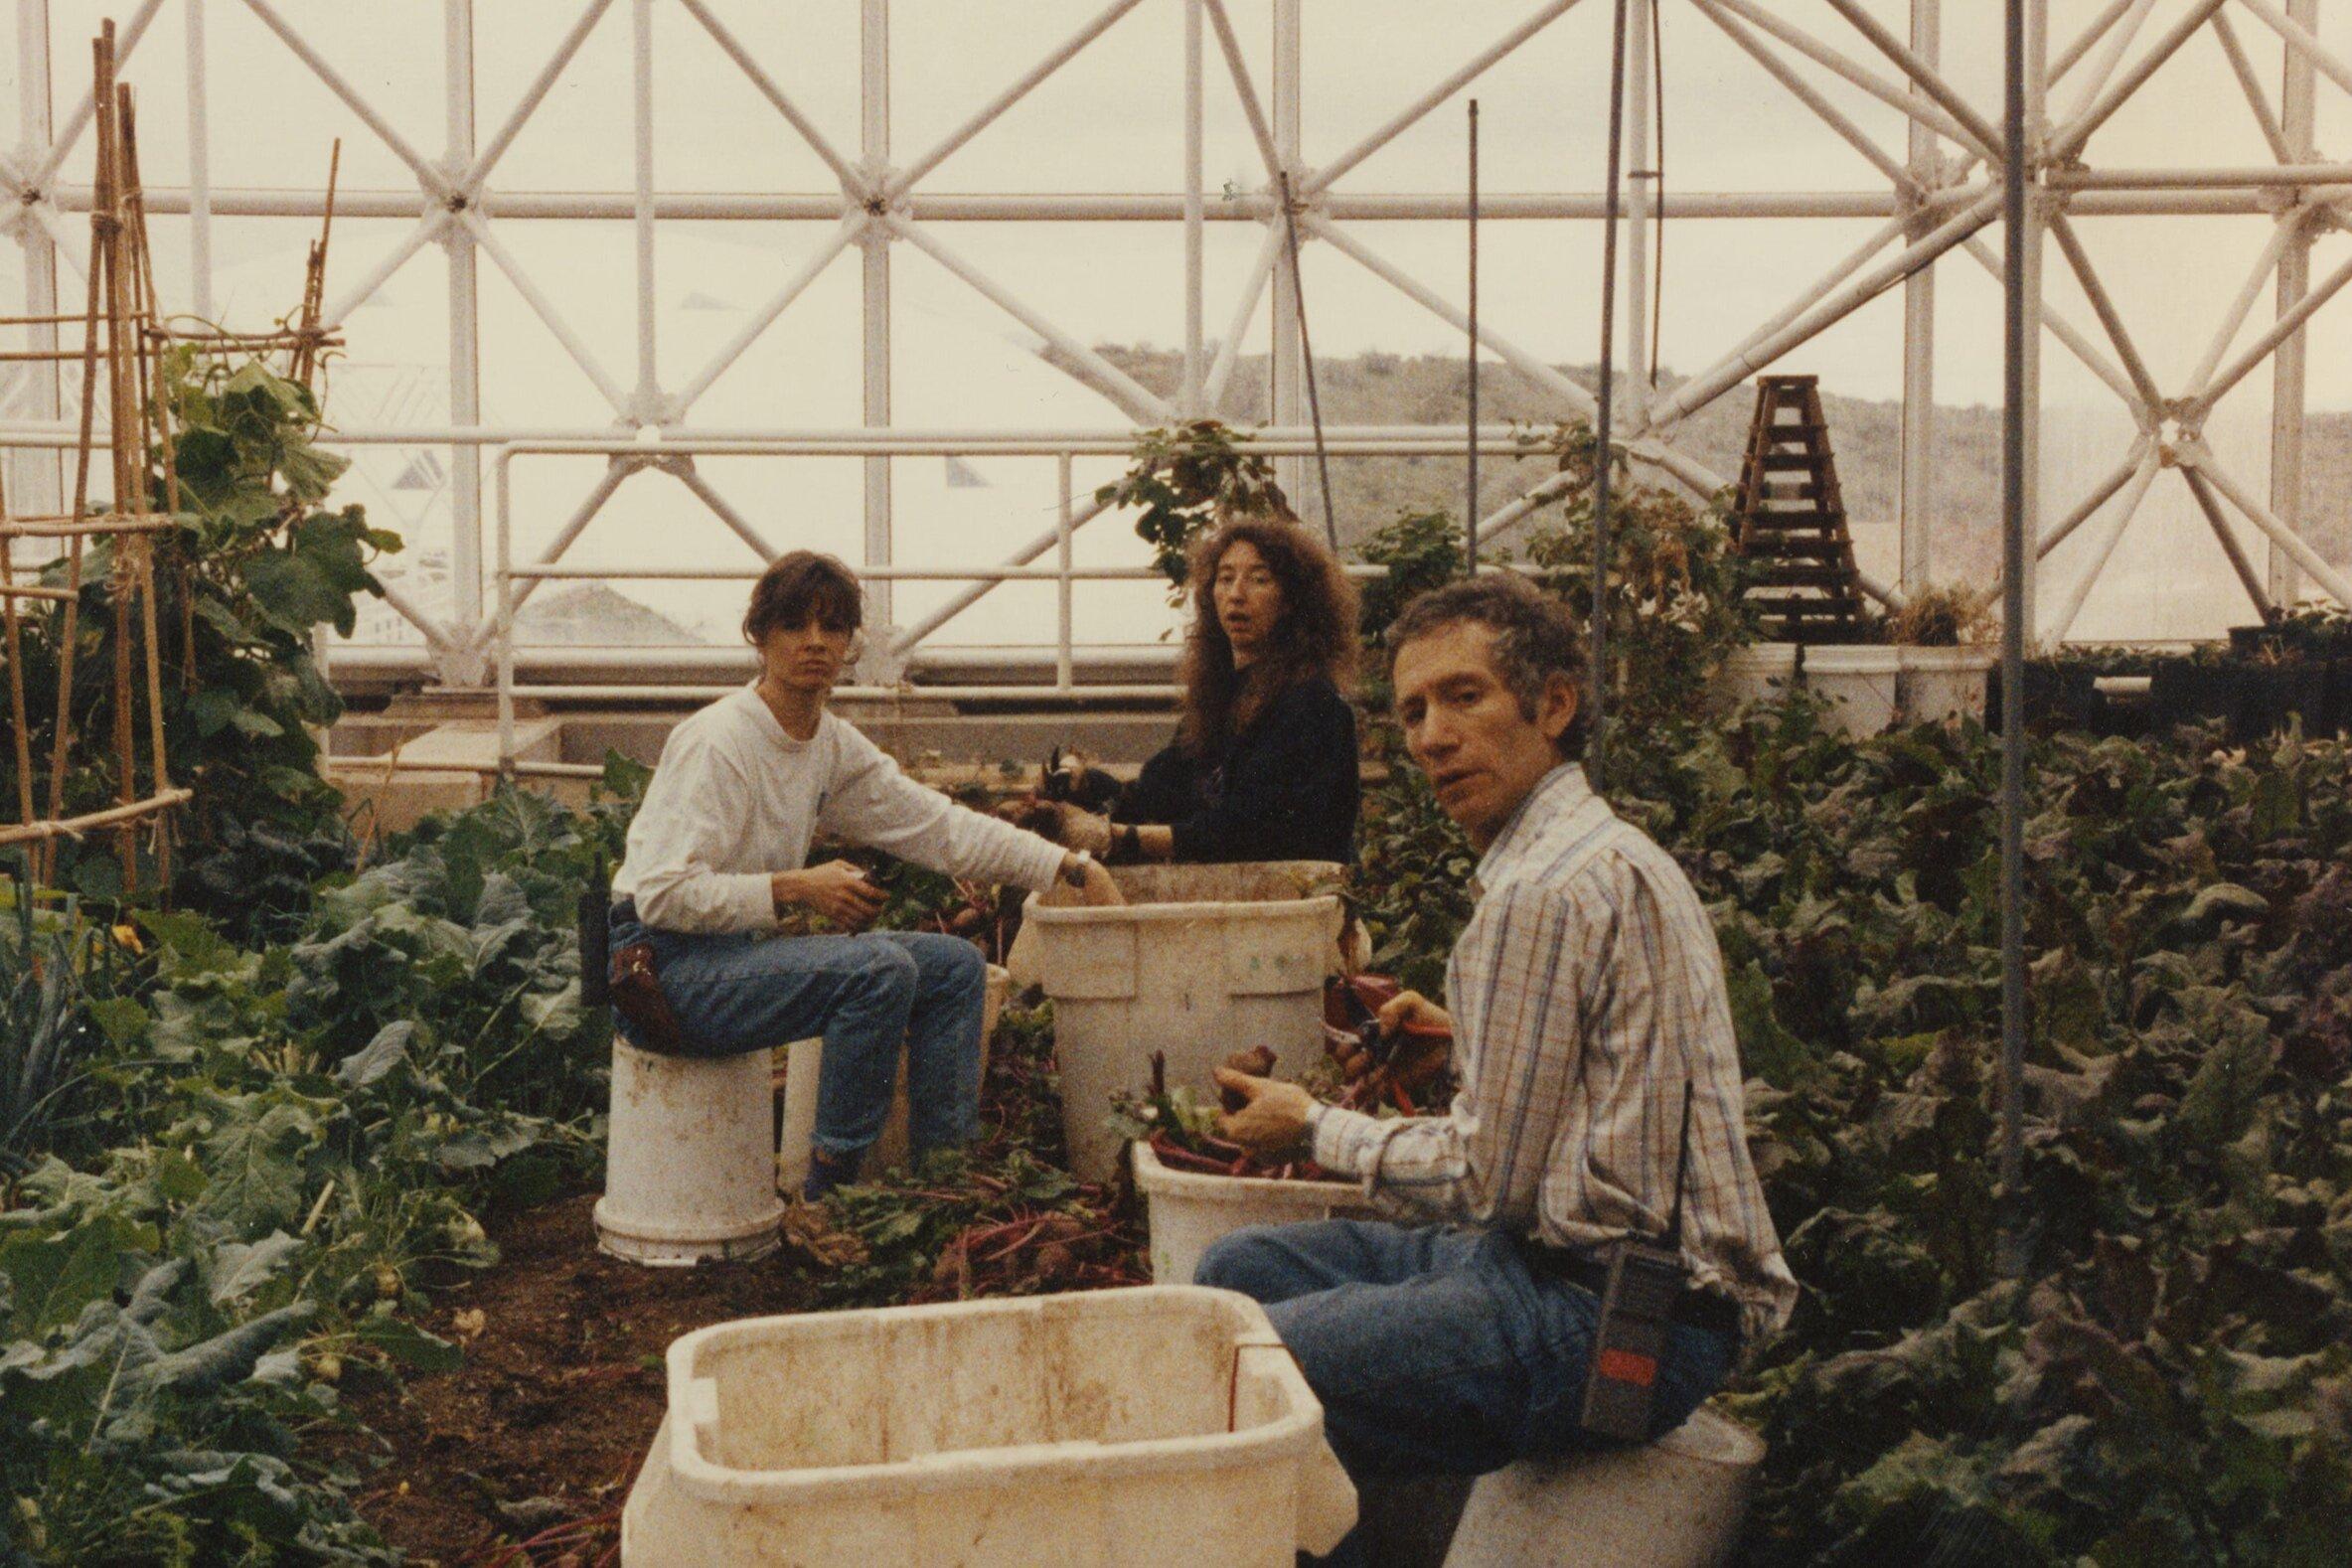 Biospherians harvesting produce in the Biosphere 2